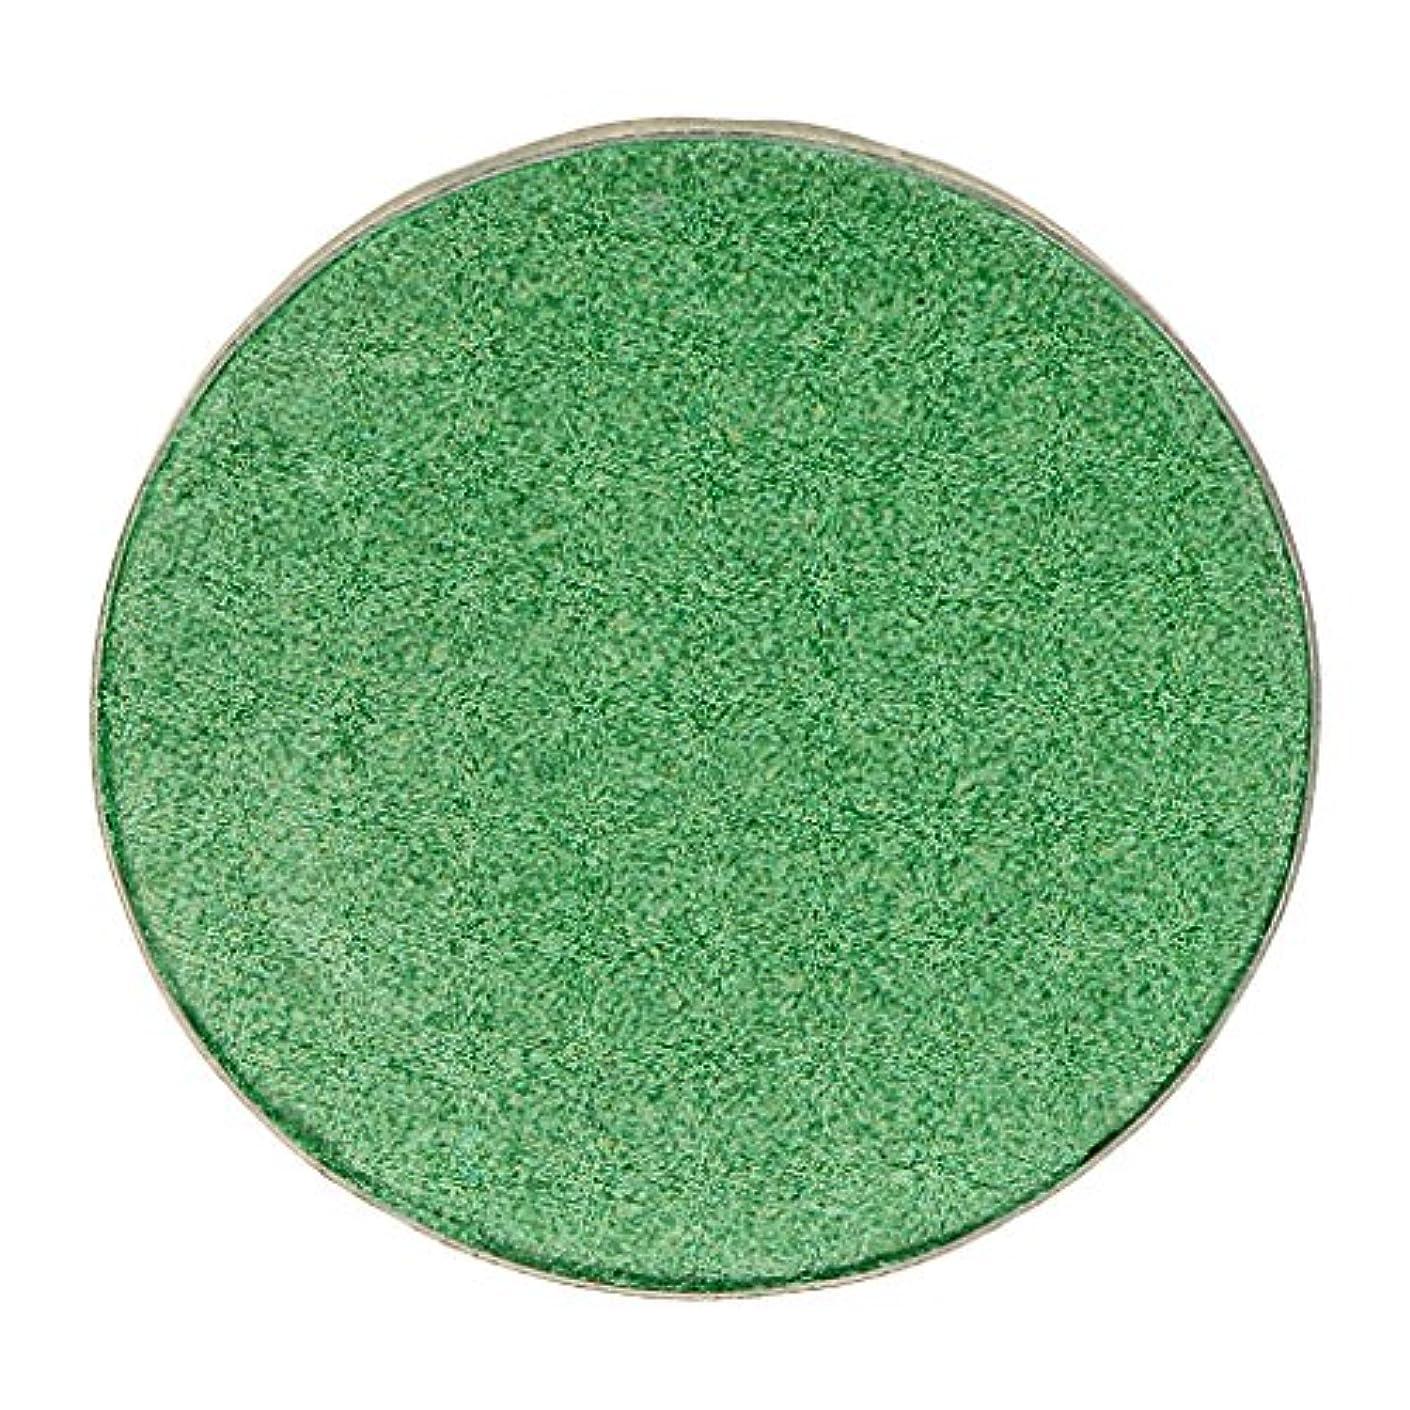 たぶん不屈用語集化粧品用 アイシャドウ ハイライター パレット マット シマー アイシャドーメイク 結婚式 パーティー 全5色 - #38グリーン